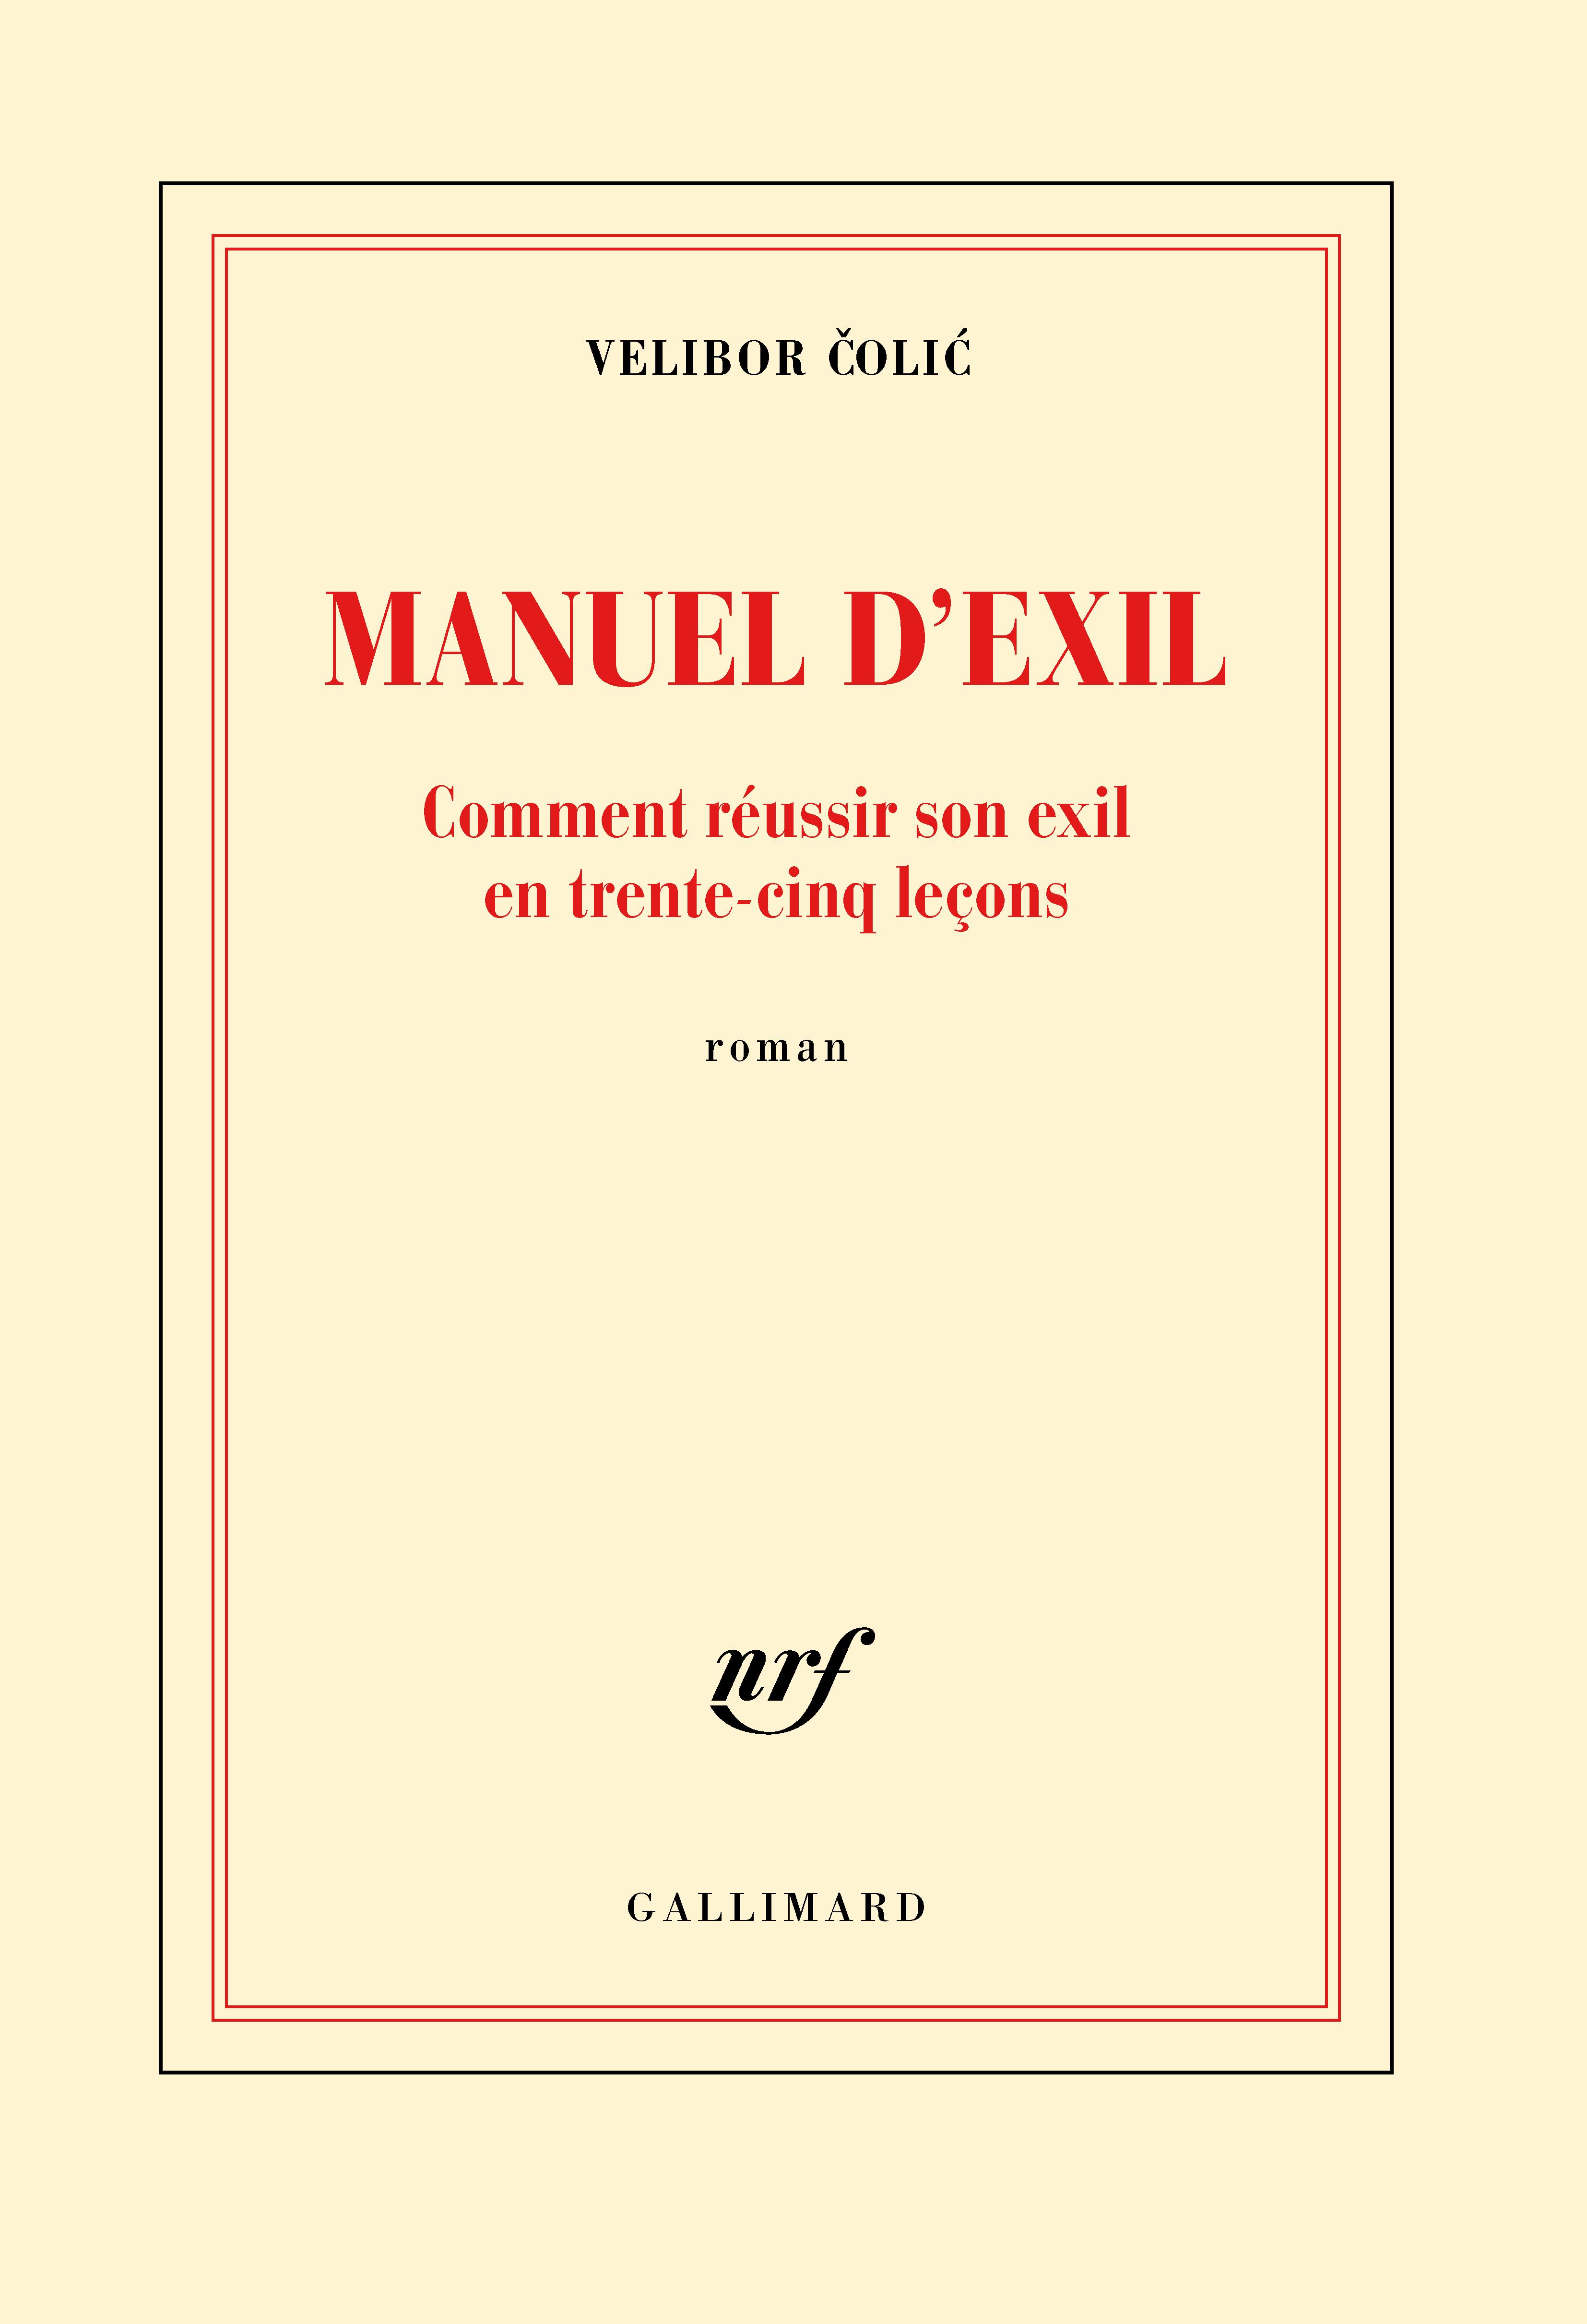 Manuel d'exil. Comment réussir son exil en trente-cinq leçons